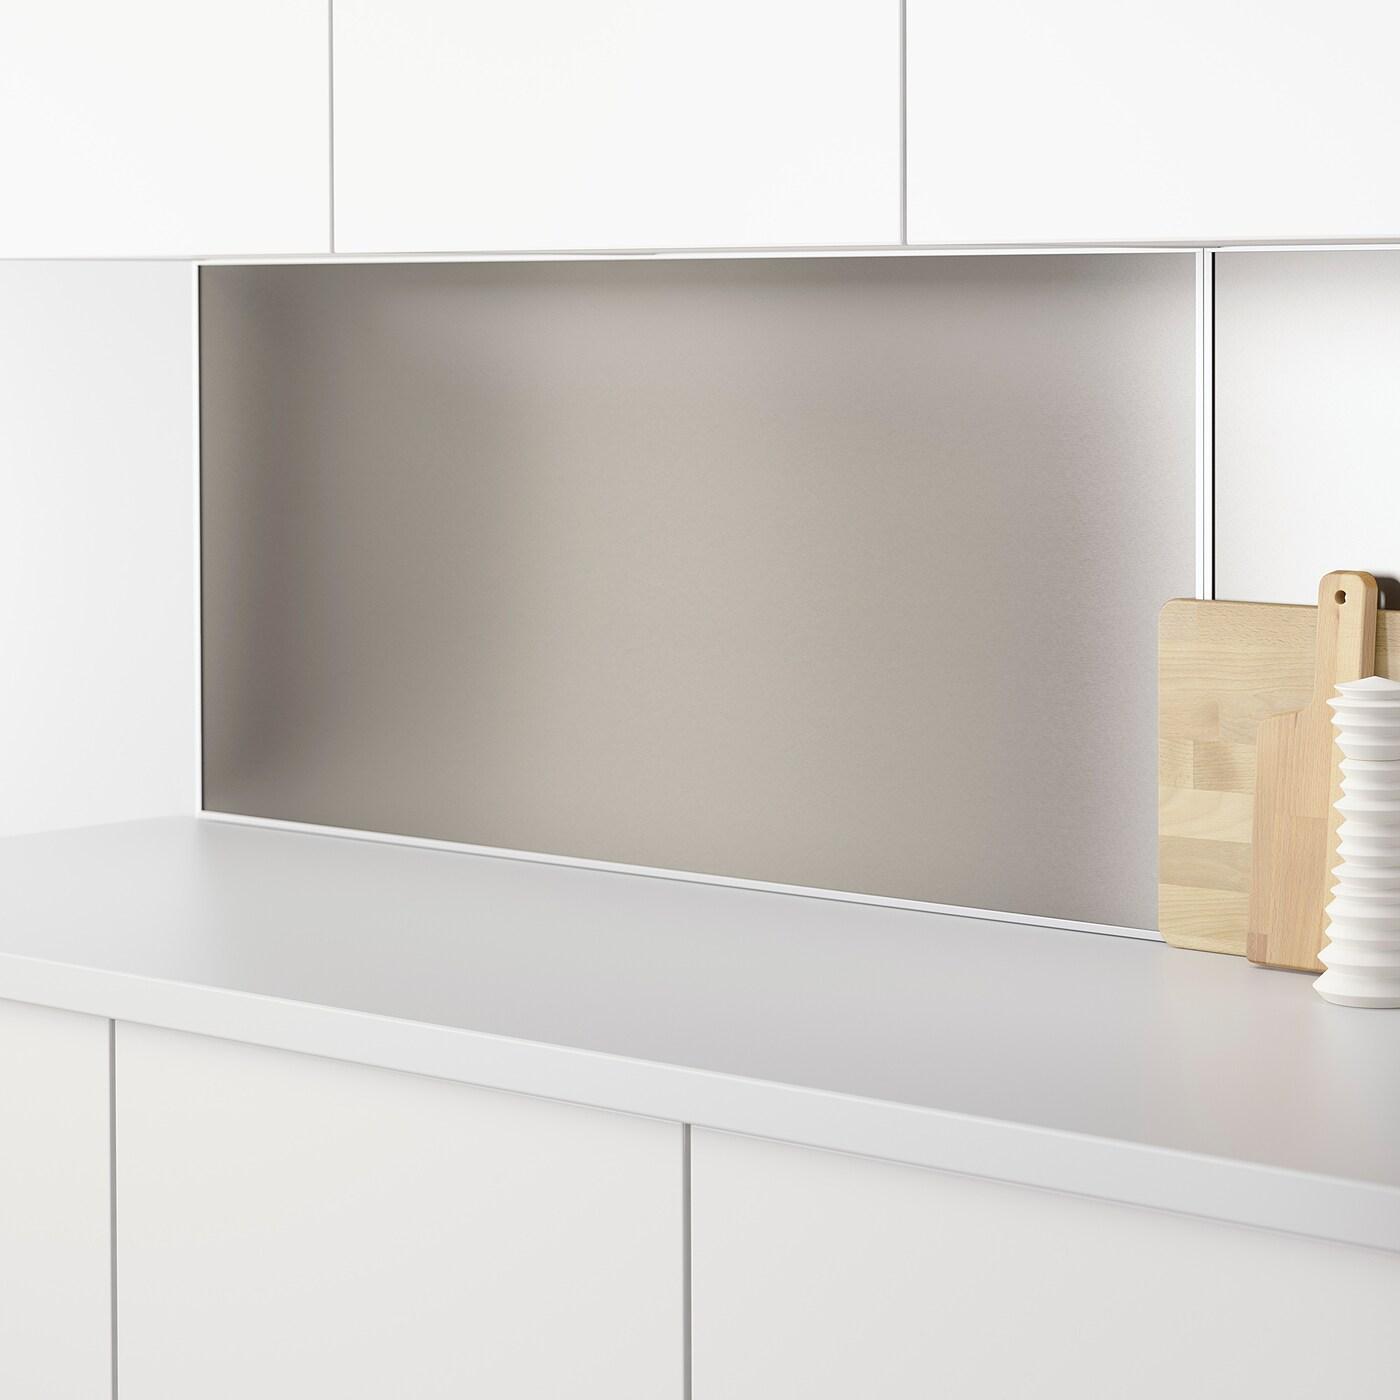 Full Size of Lysekil Aufhngeleiste Aluminium Ikea Deutschland Küche Kosten Kaufen Sofa Mit Schlaffunktion Betten Bei Miniküche 160x200 Modulküche Wohnzimmer Küchenrückwände Ikea